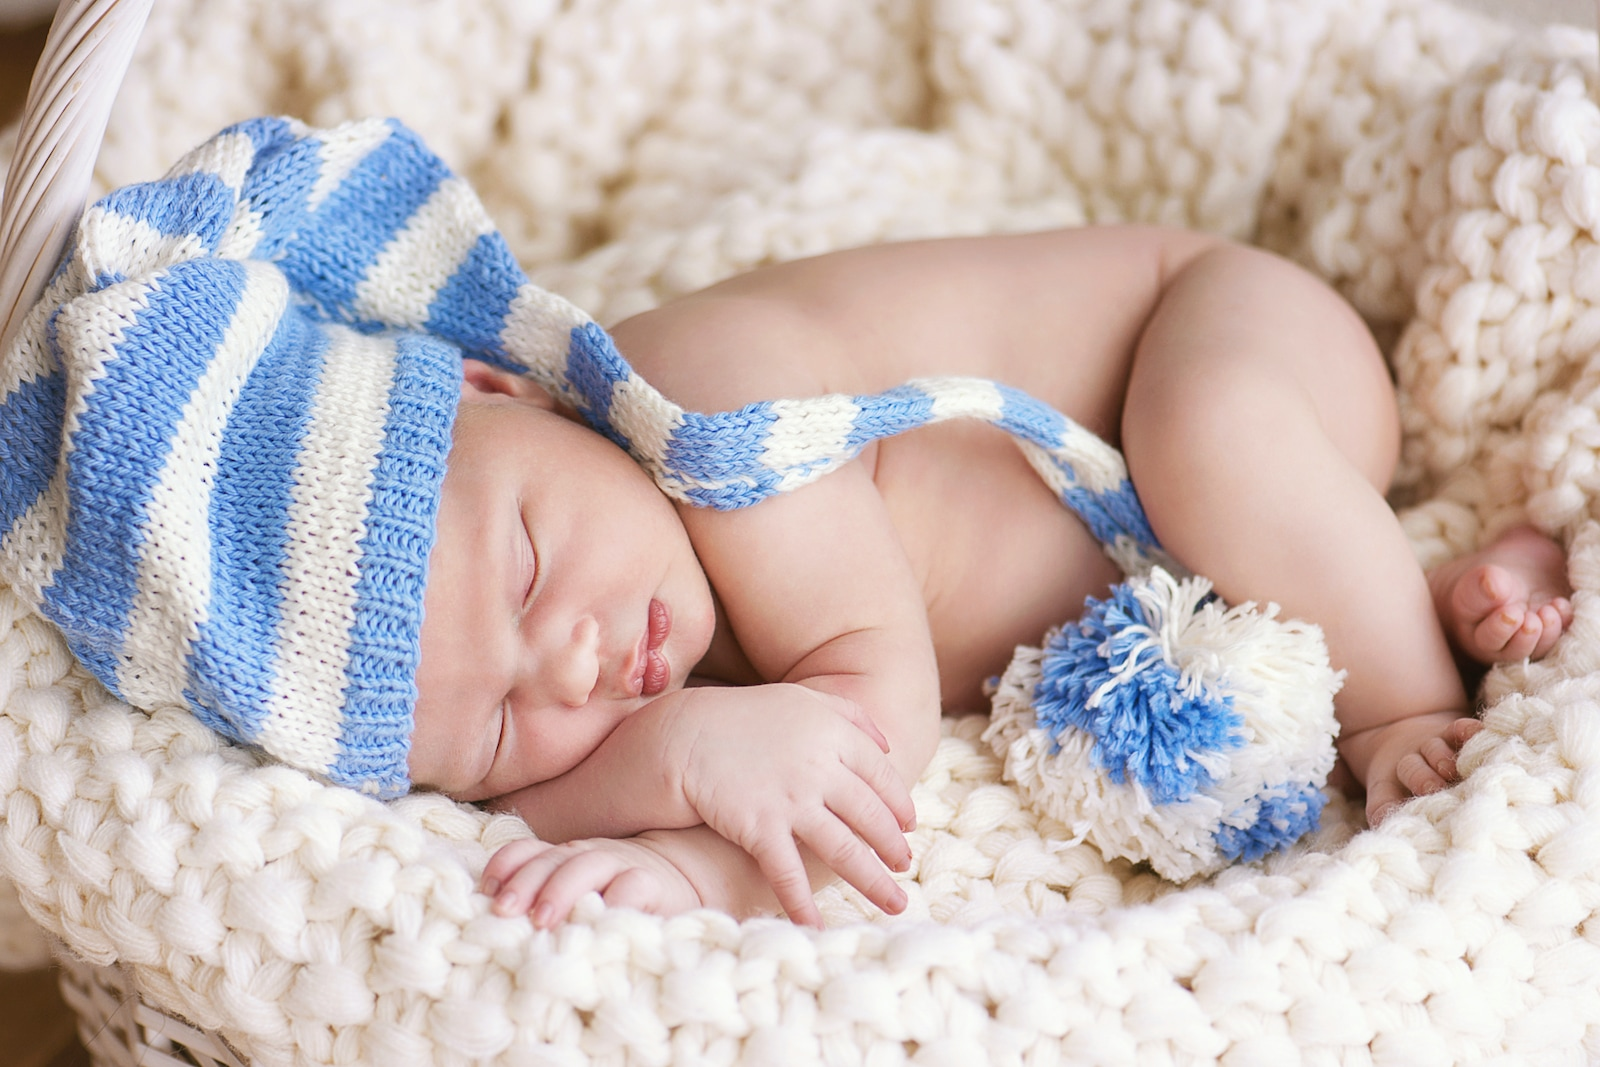 Cum să doarmă bebe toată noaptea